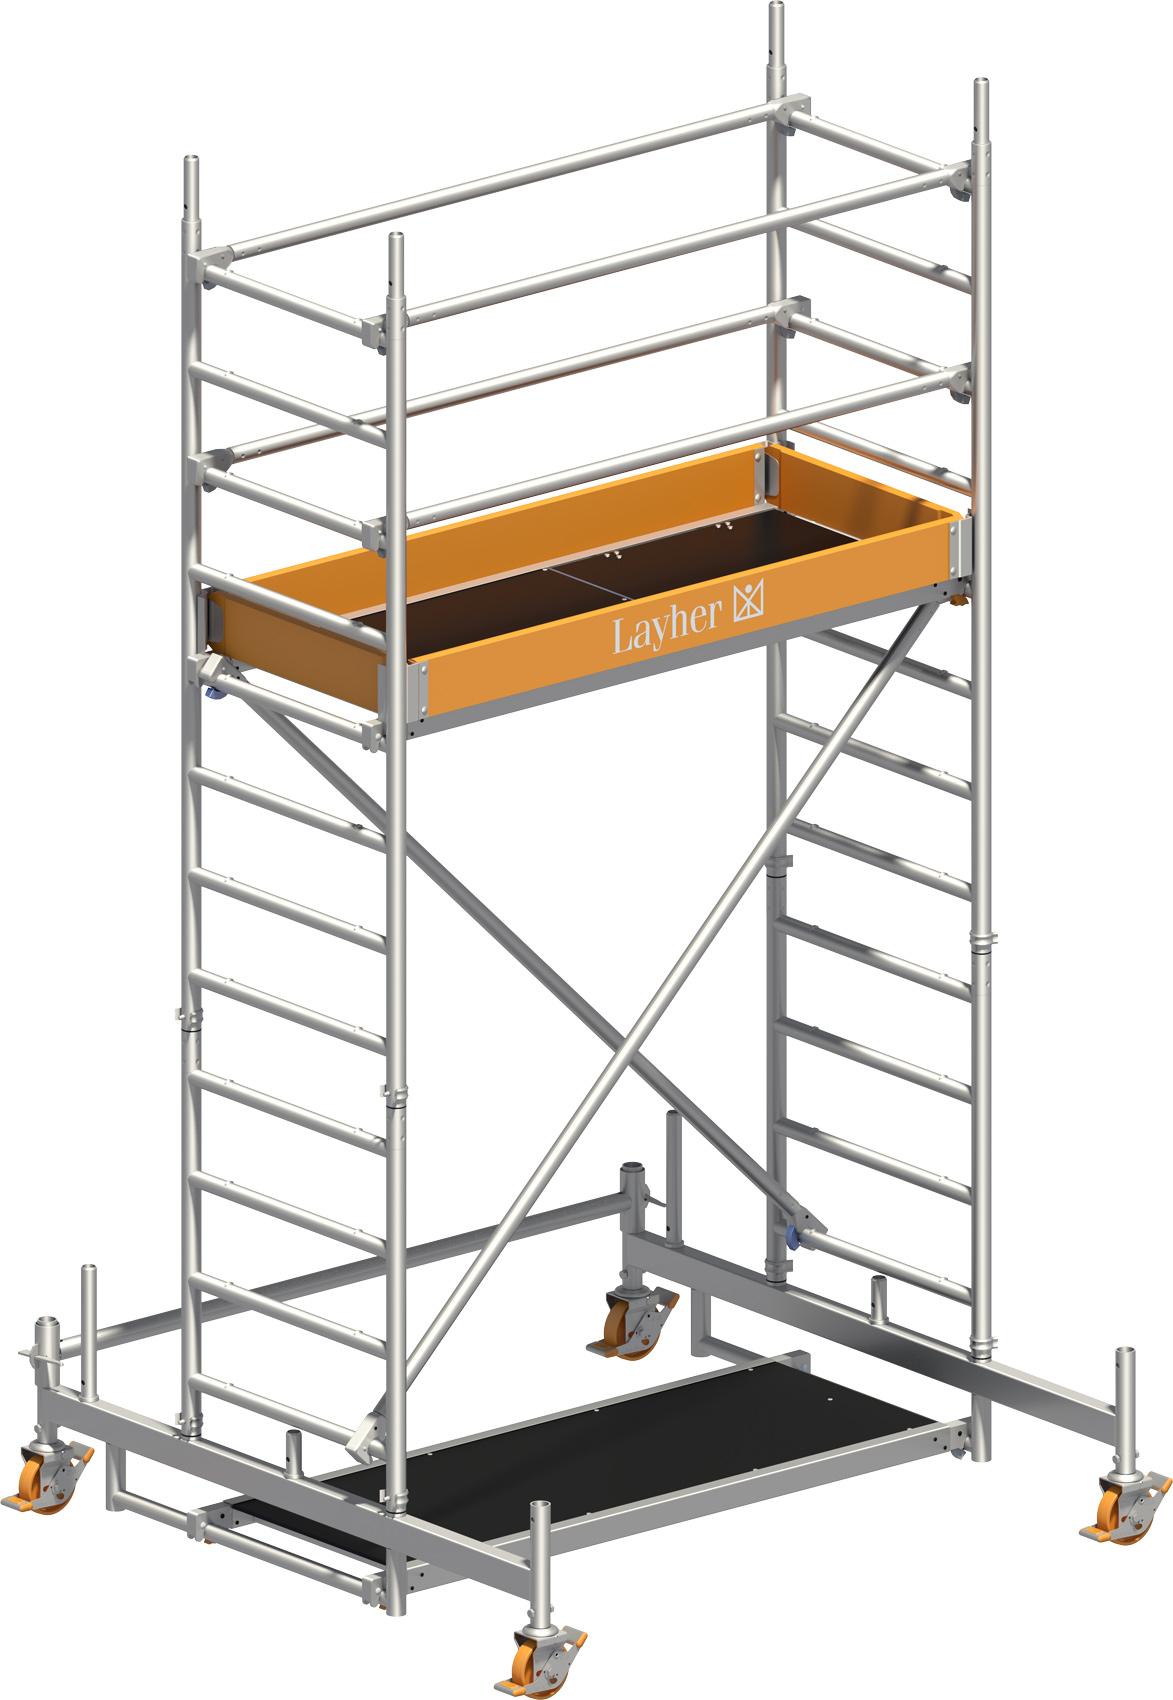 Rollgerüst Layher Uni Leicht P2 1403202 mit Diagonal- und Lenkrollen-Optimierung